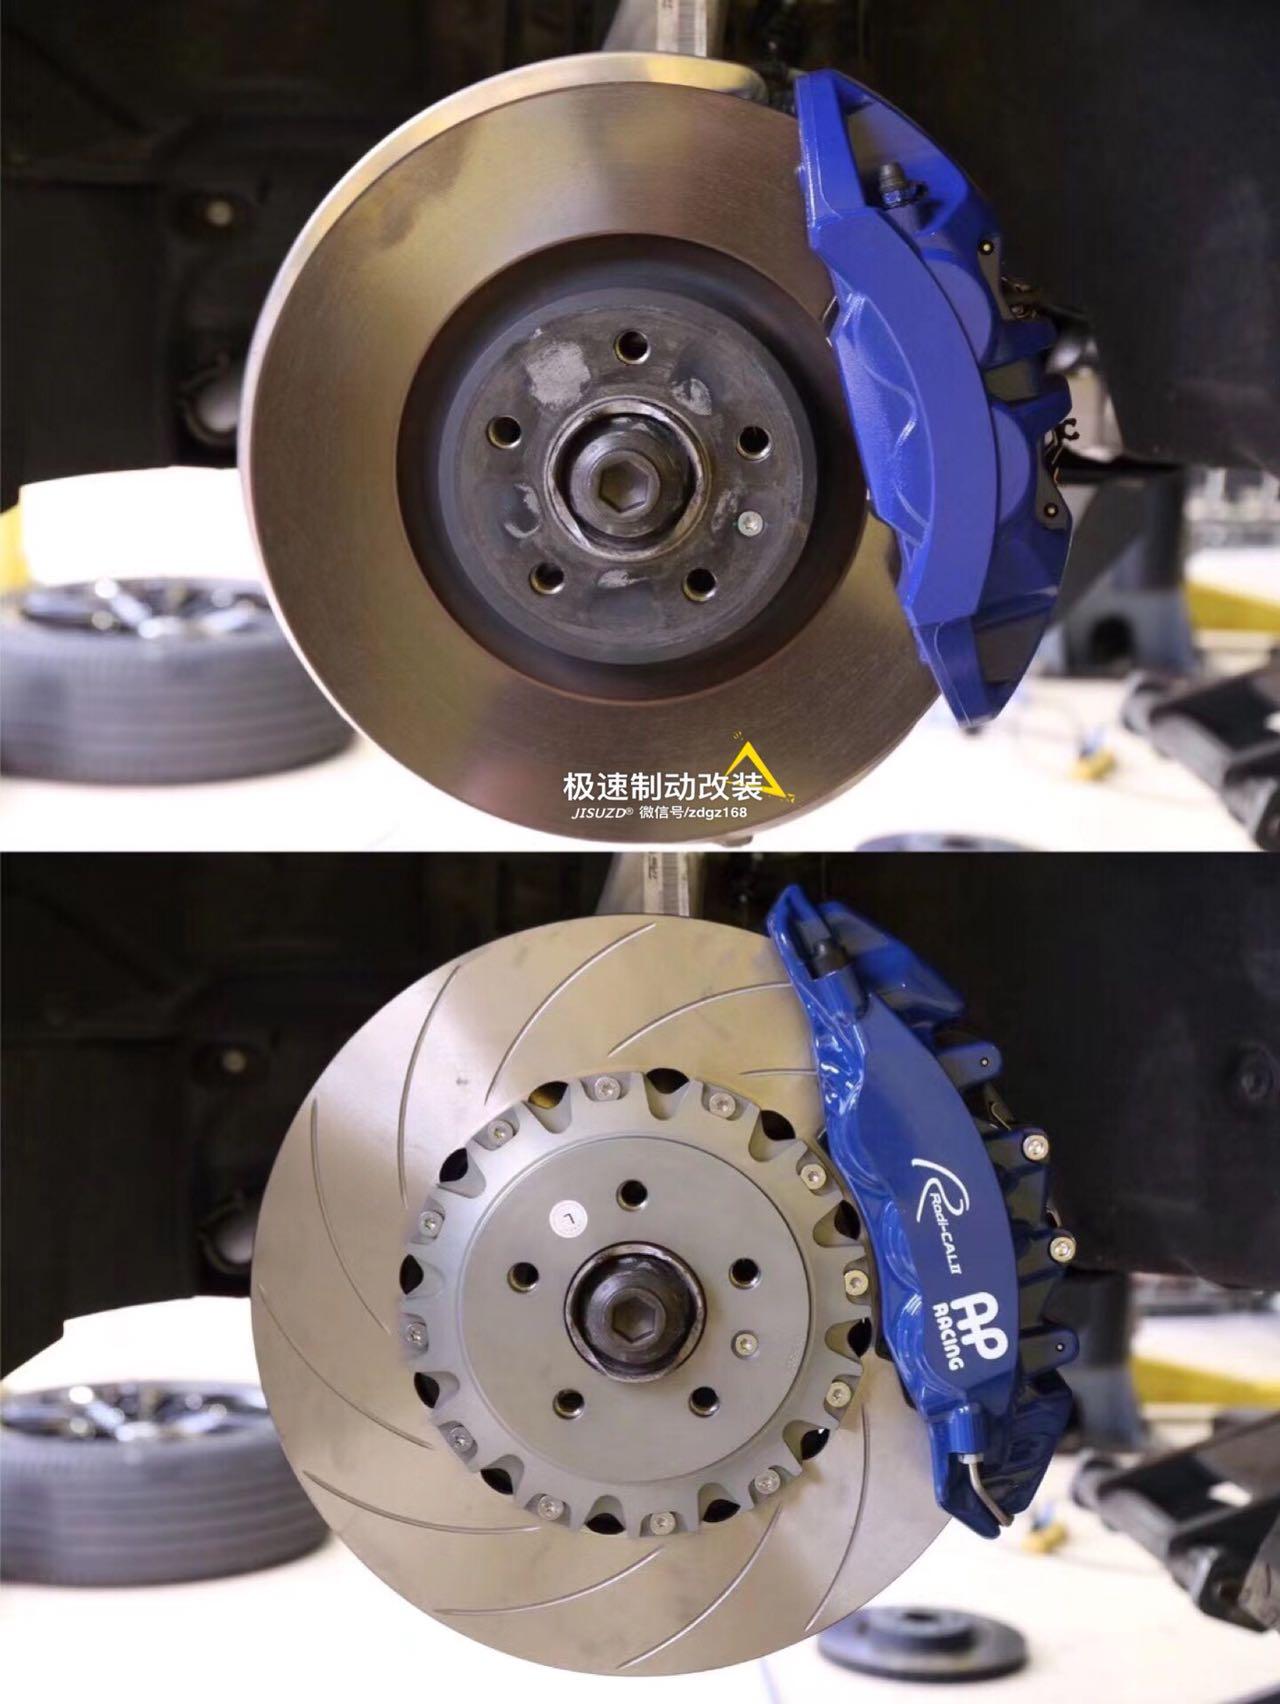 新款奥迪Q5L 刹车升级前轮AP9560六活塞套装,后轮370加大碟套装。卡钳定制深蓝色[吃瓜]